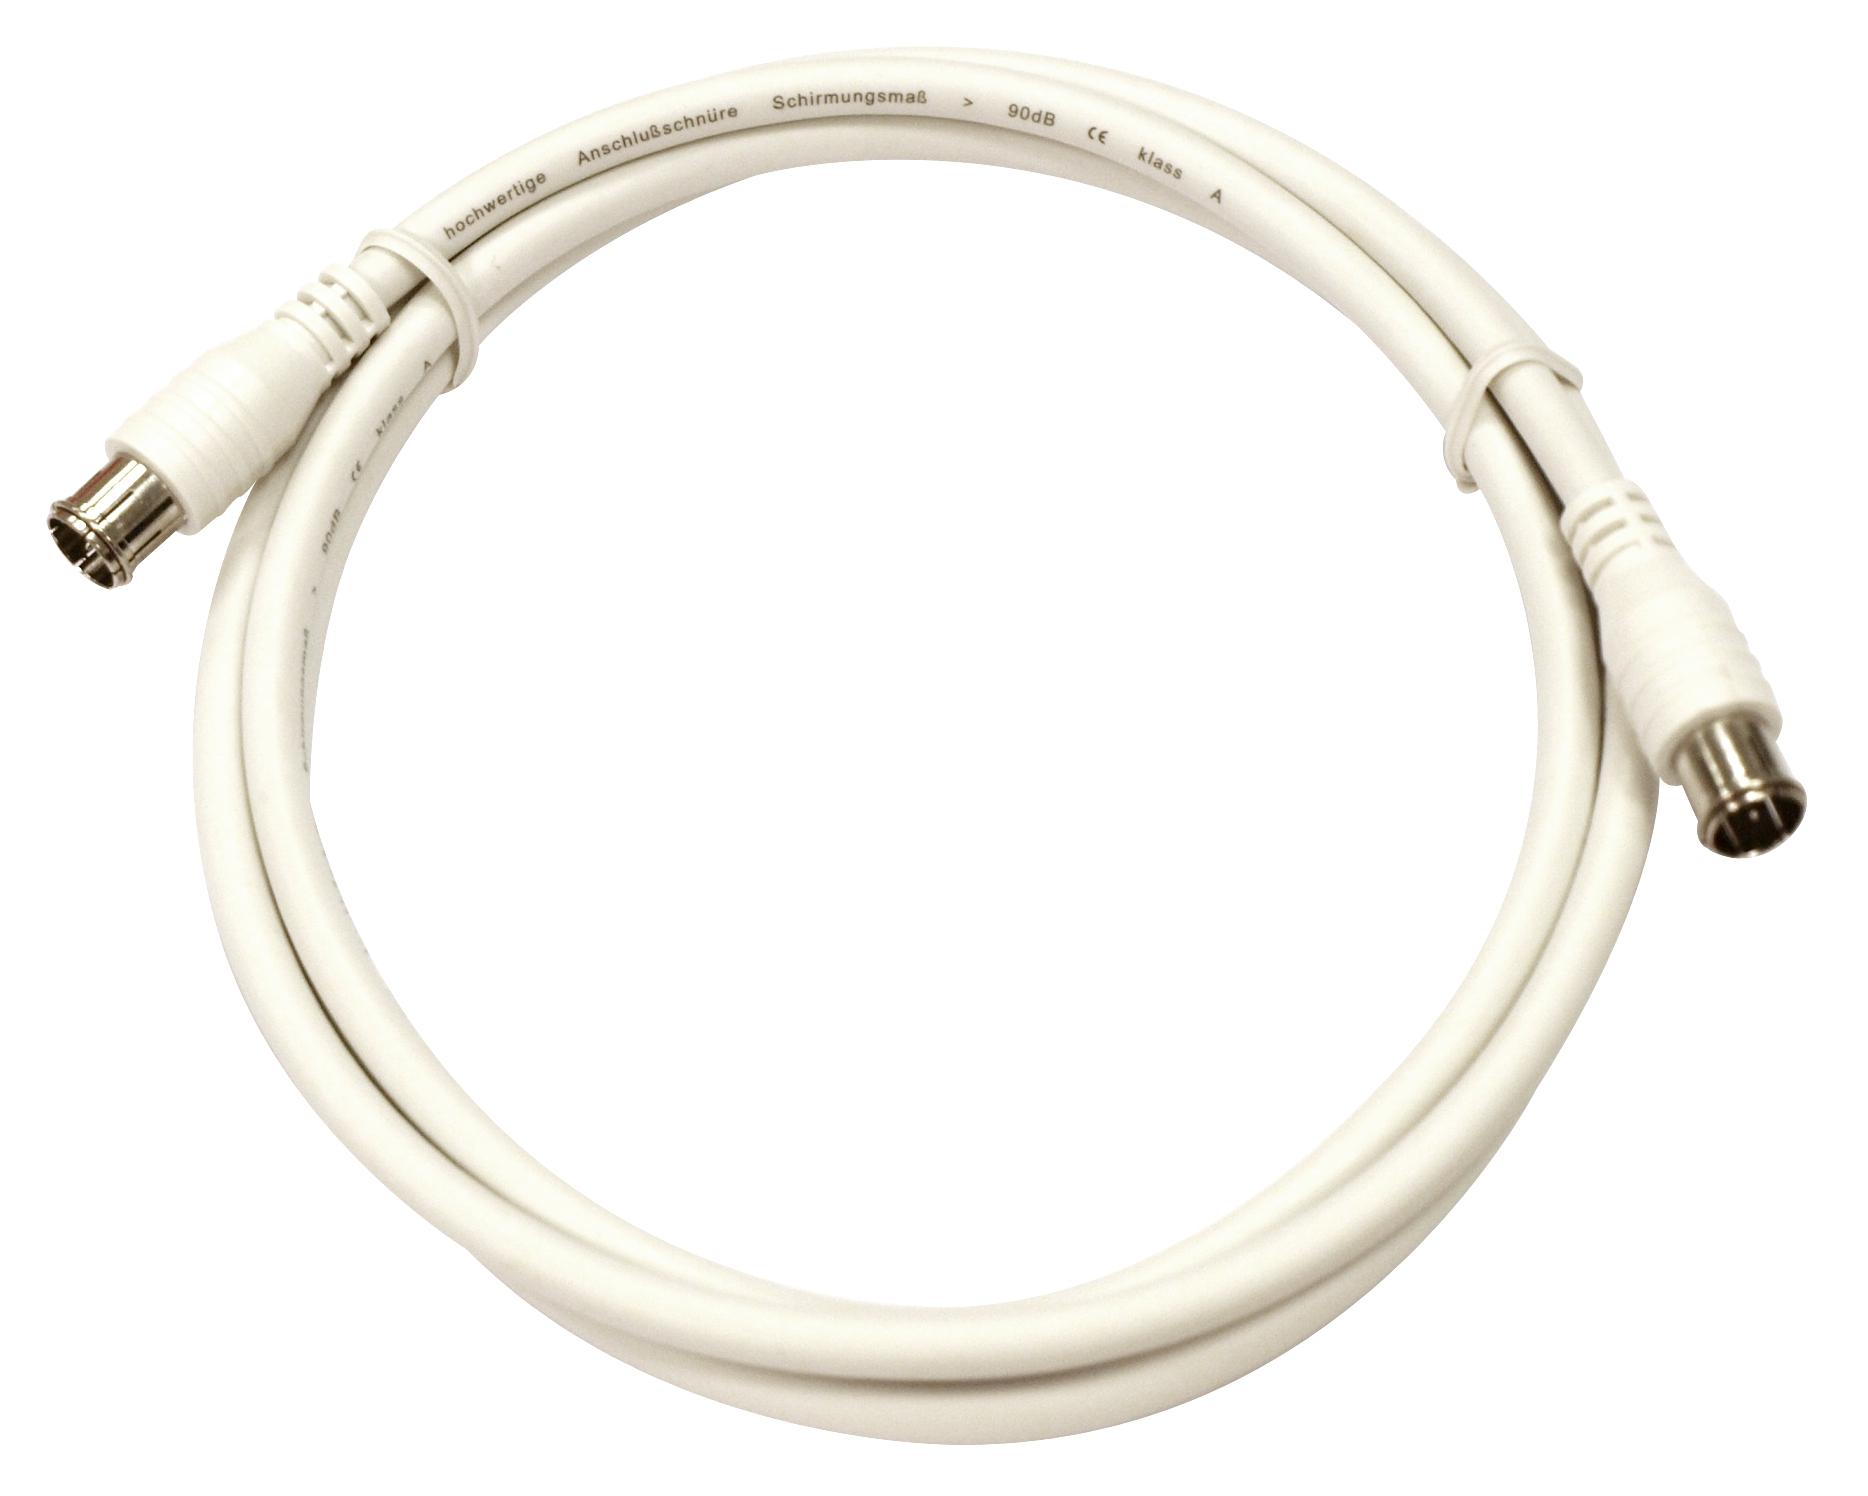 1 Stk Koax Patchkabel, 2xF-Quick gerade, >90dB, ClassA, weiß, 1,5m HS4HC01K5-